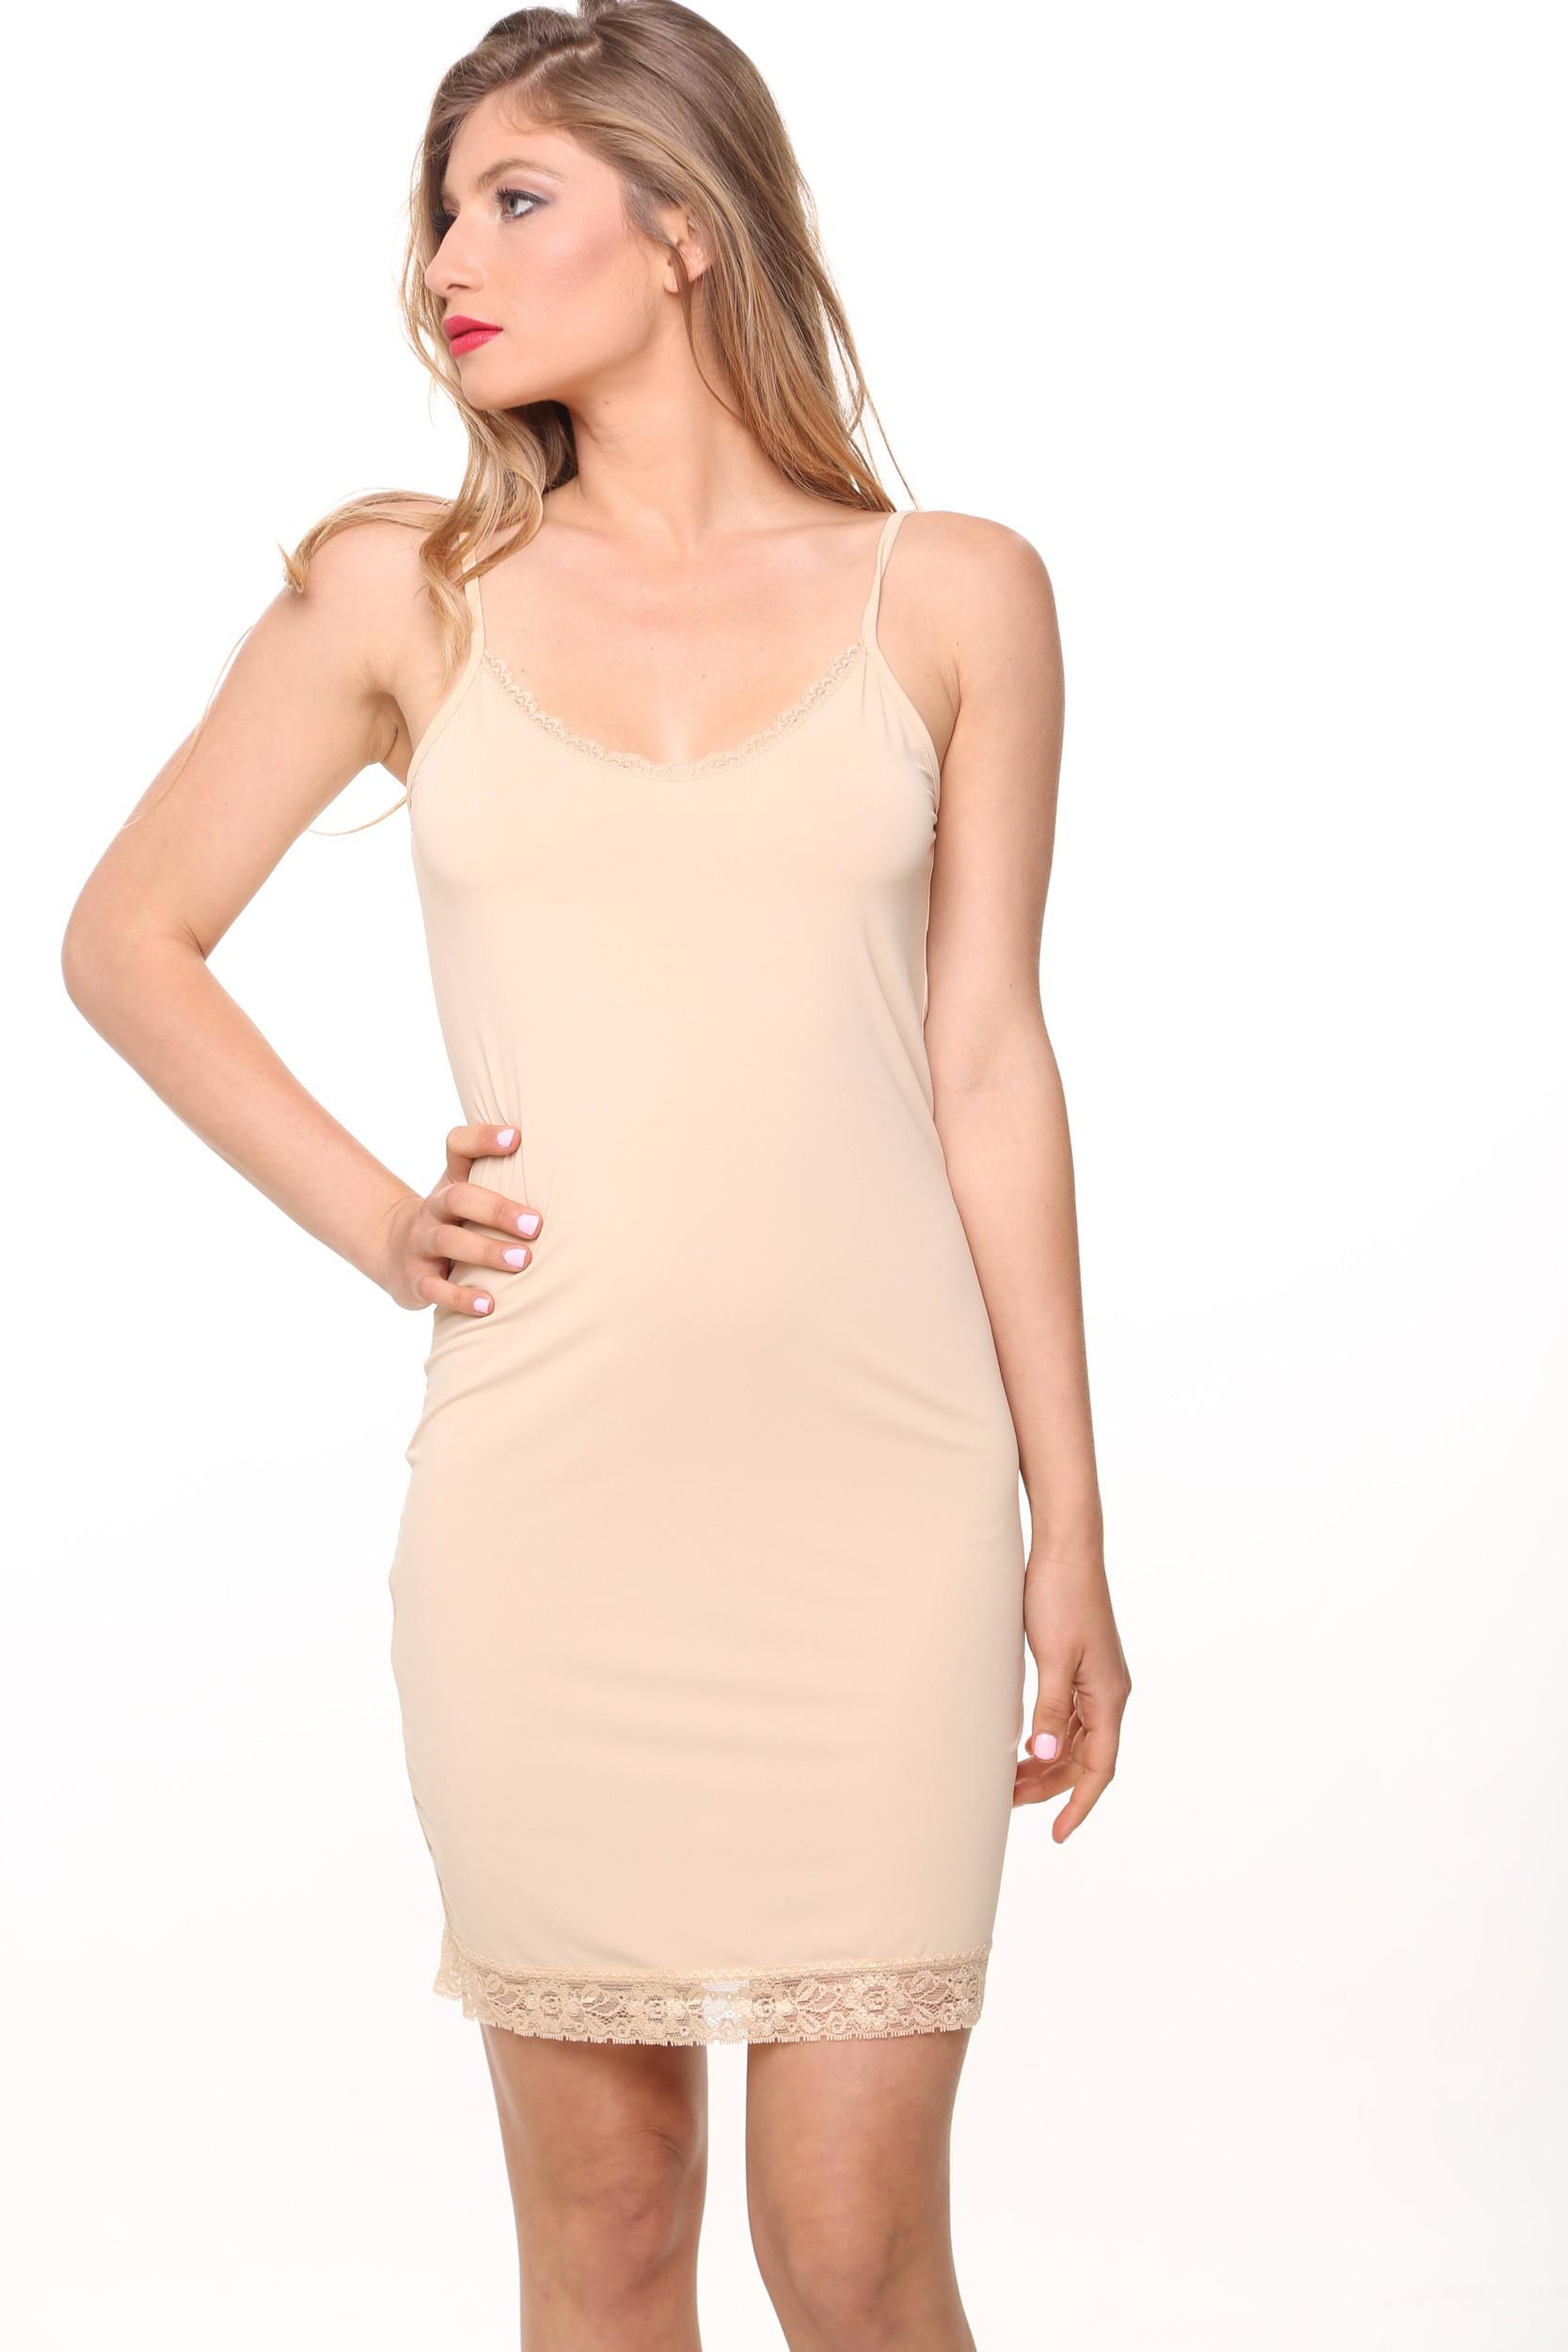 שמלת קומבניזון מחטבת עד XXL